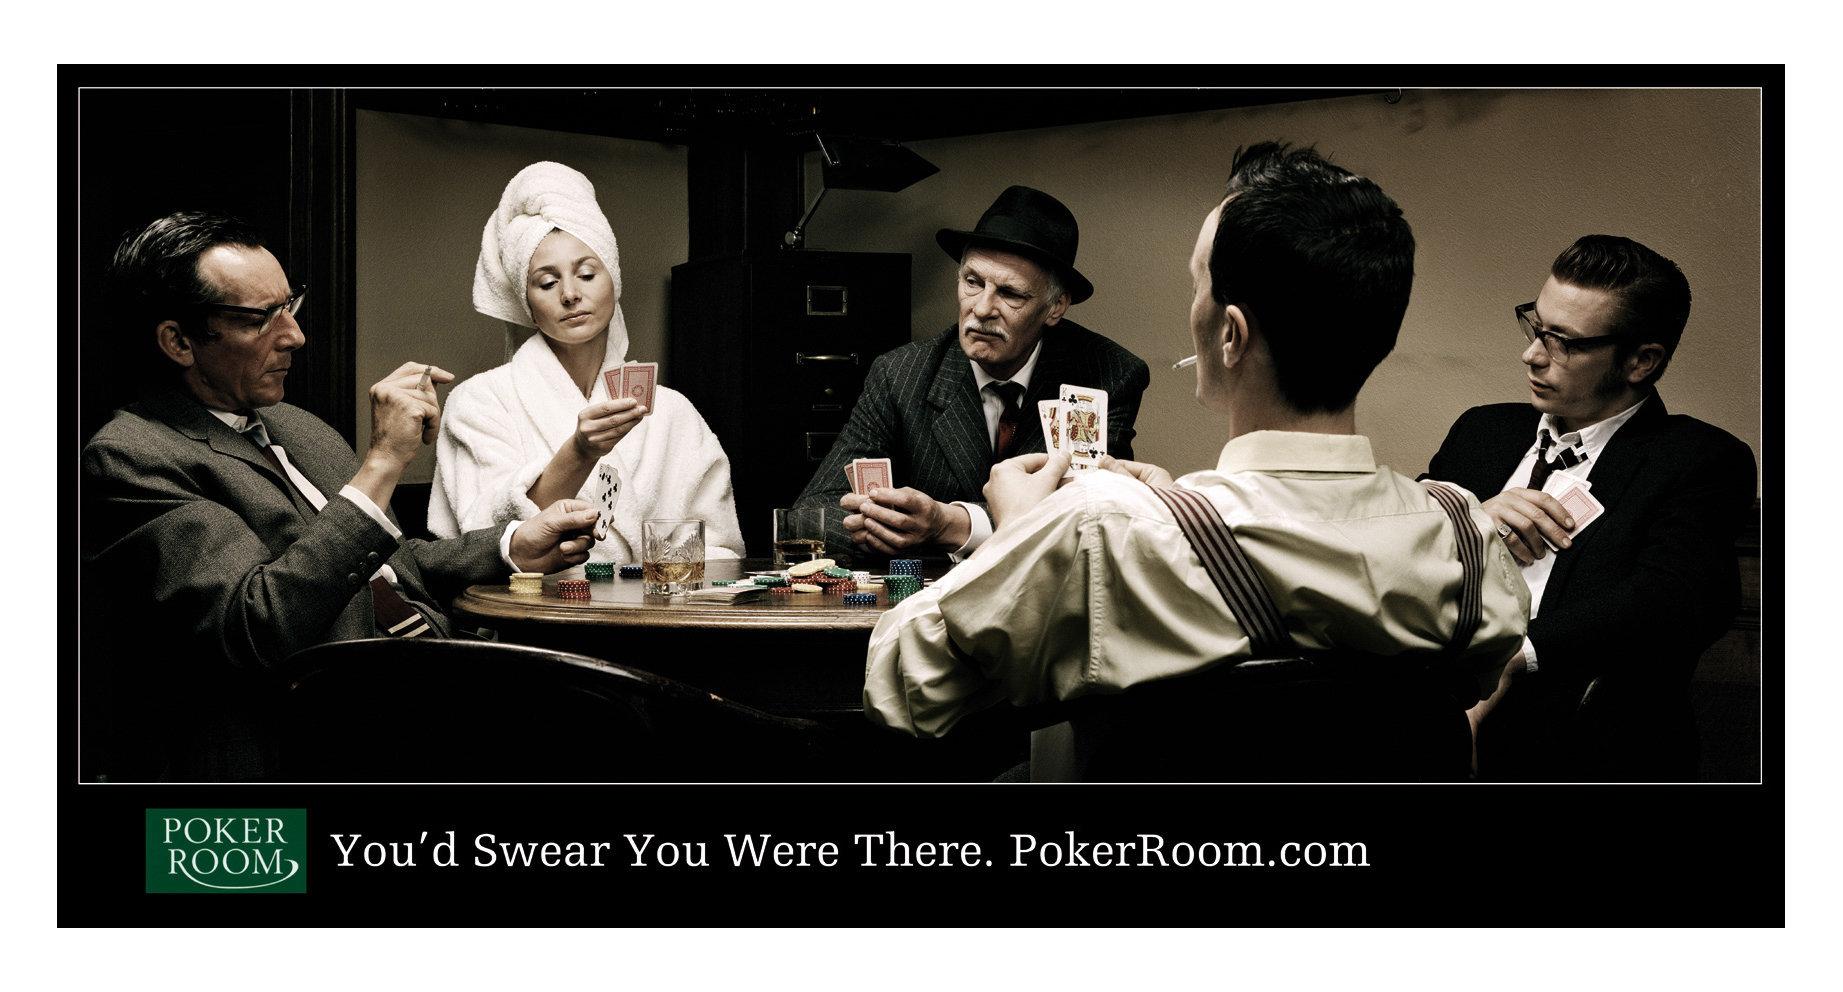 Poker room 2.jpg